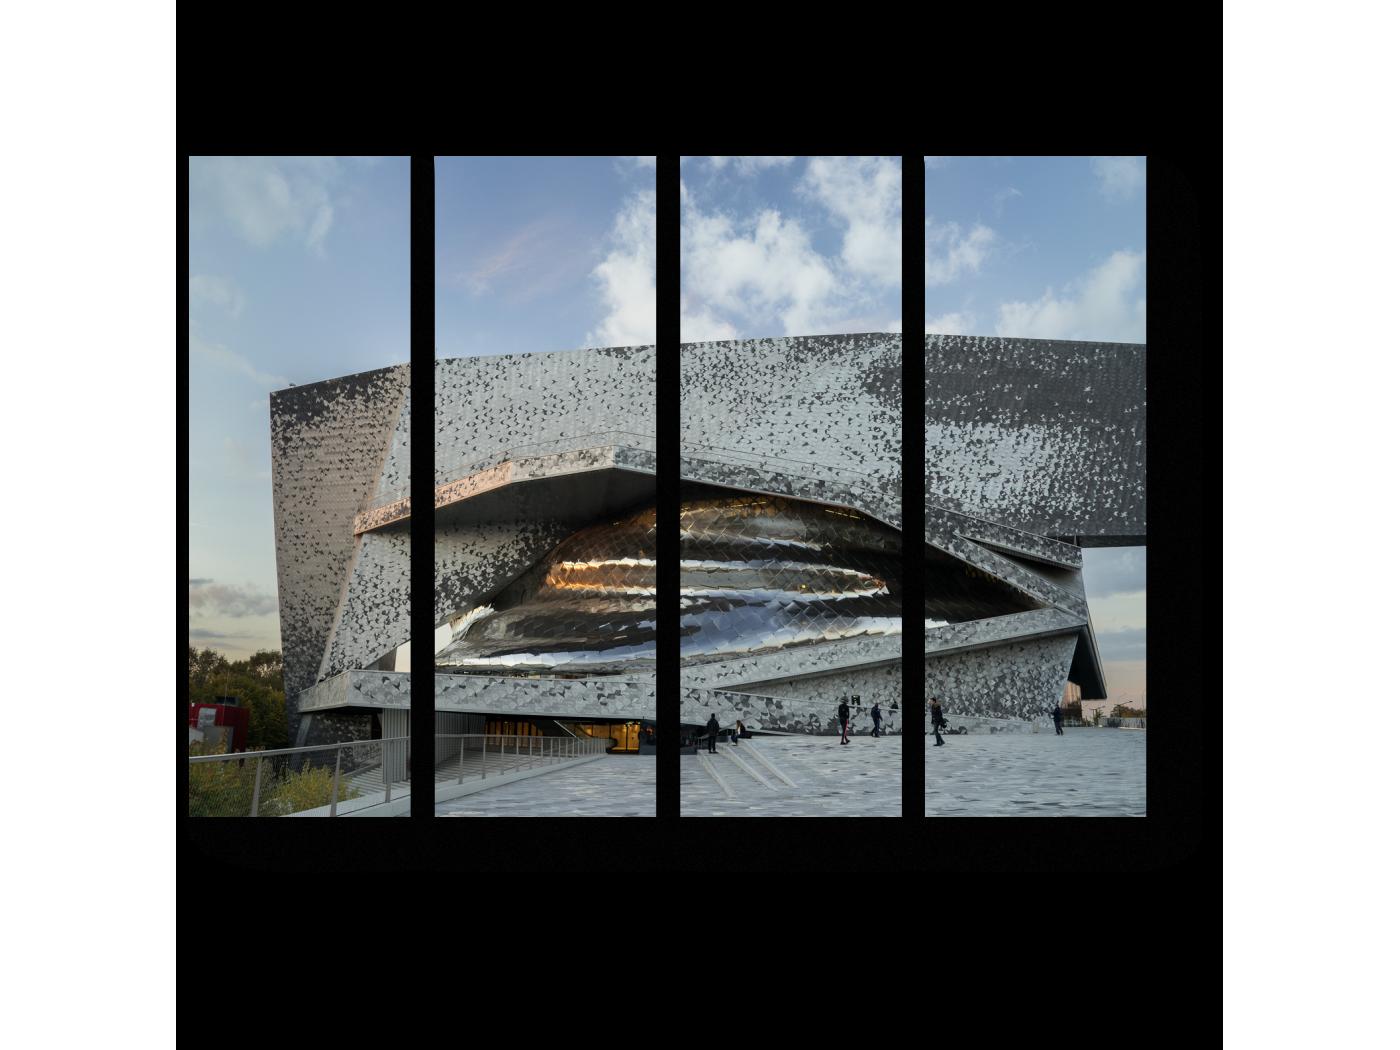 Модульная картина Новый взгляд на Париж (60x45) фото